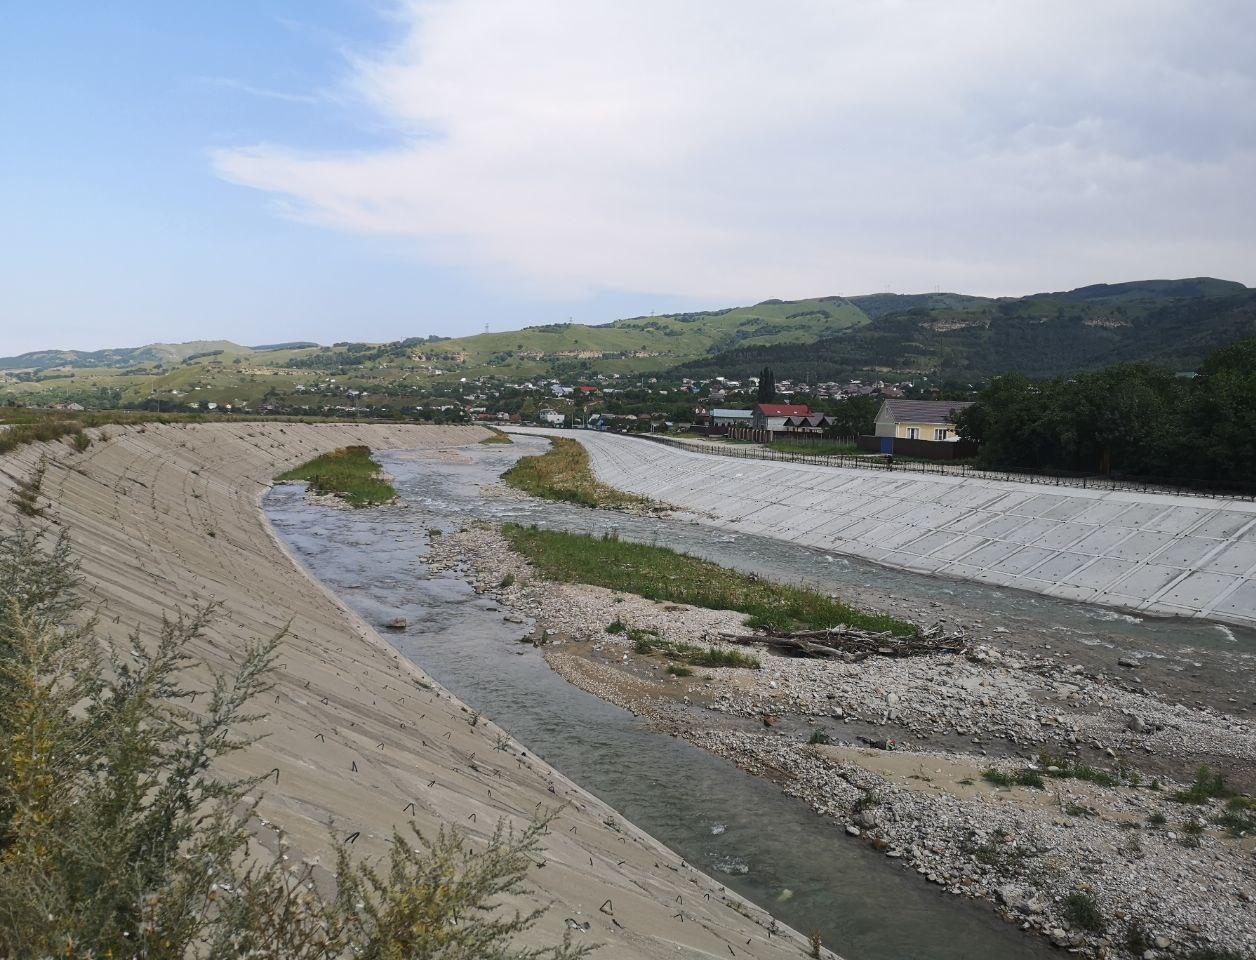 За камень вода не течет: как на Ставрополье укрепляют берега рек и защищают население от наводнений